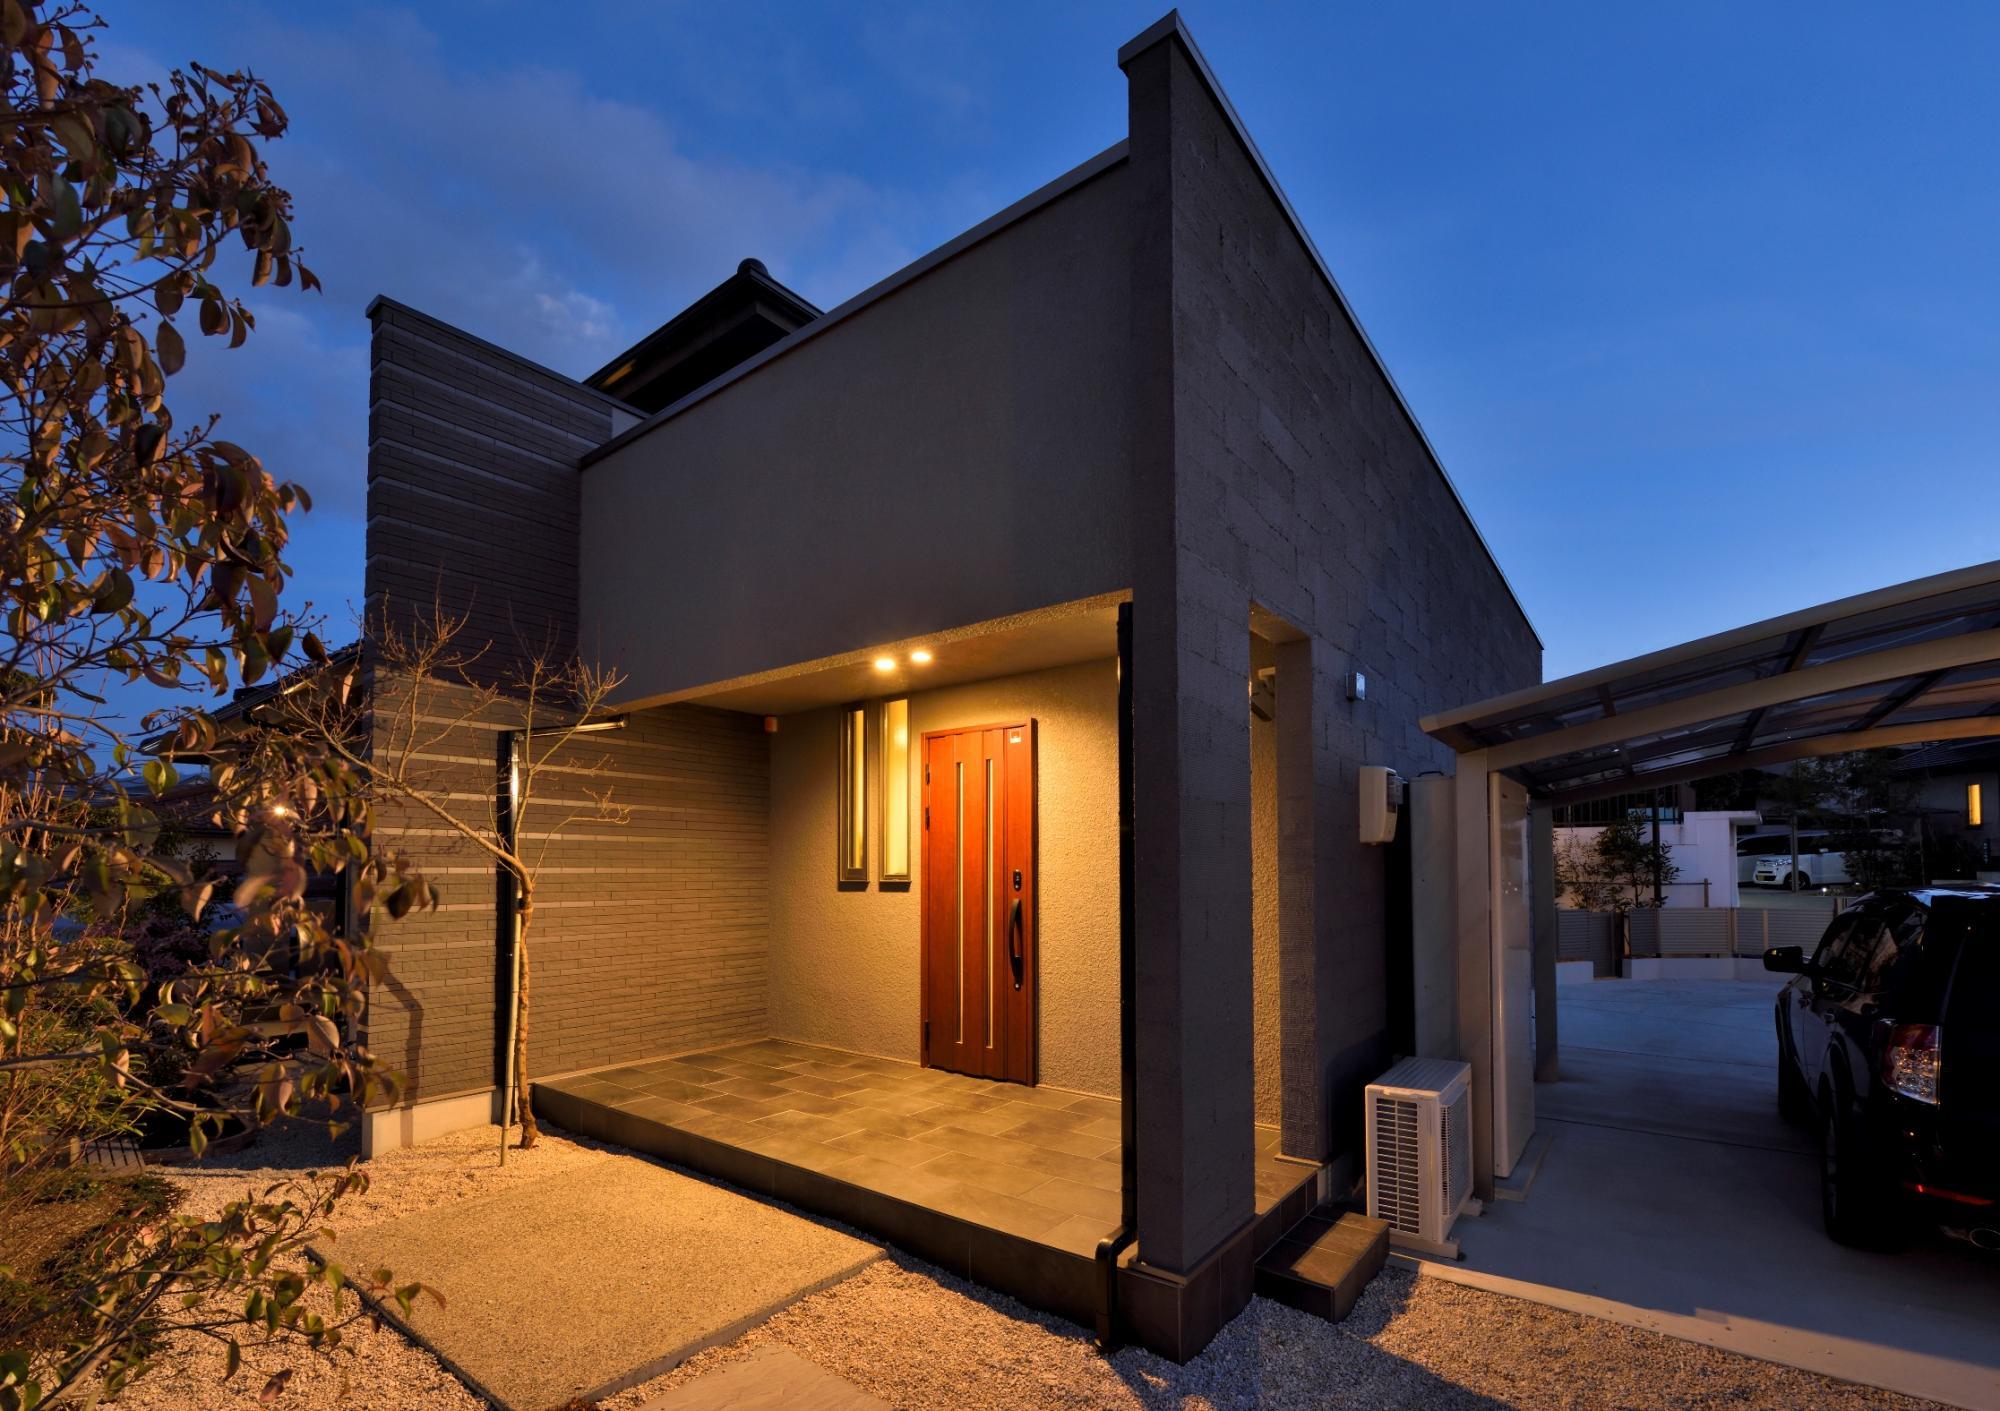 増築部分に設けたもうひとつの玄関ポーチ。軒天部分に付けた外灯がタイル張りの玄関ポーチの全体を照らし、雰囲気のある空間に。